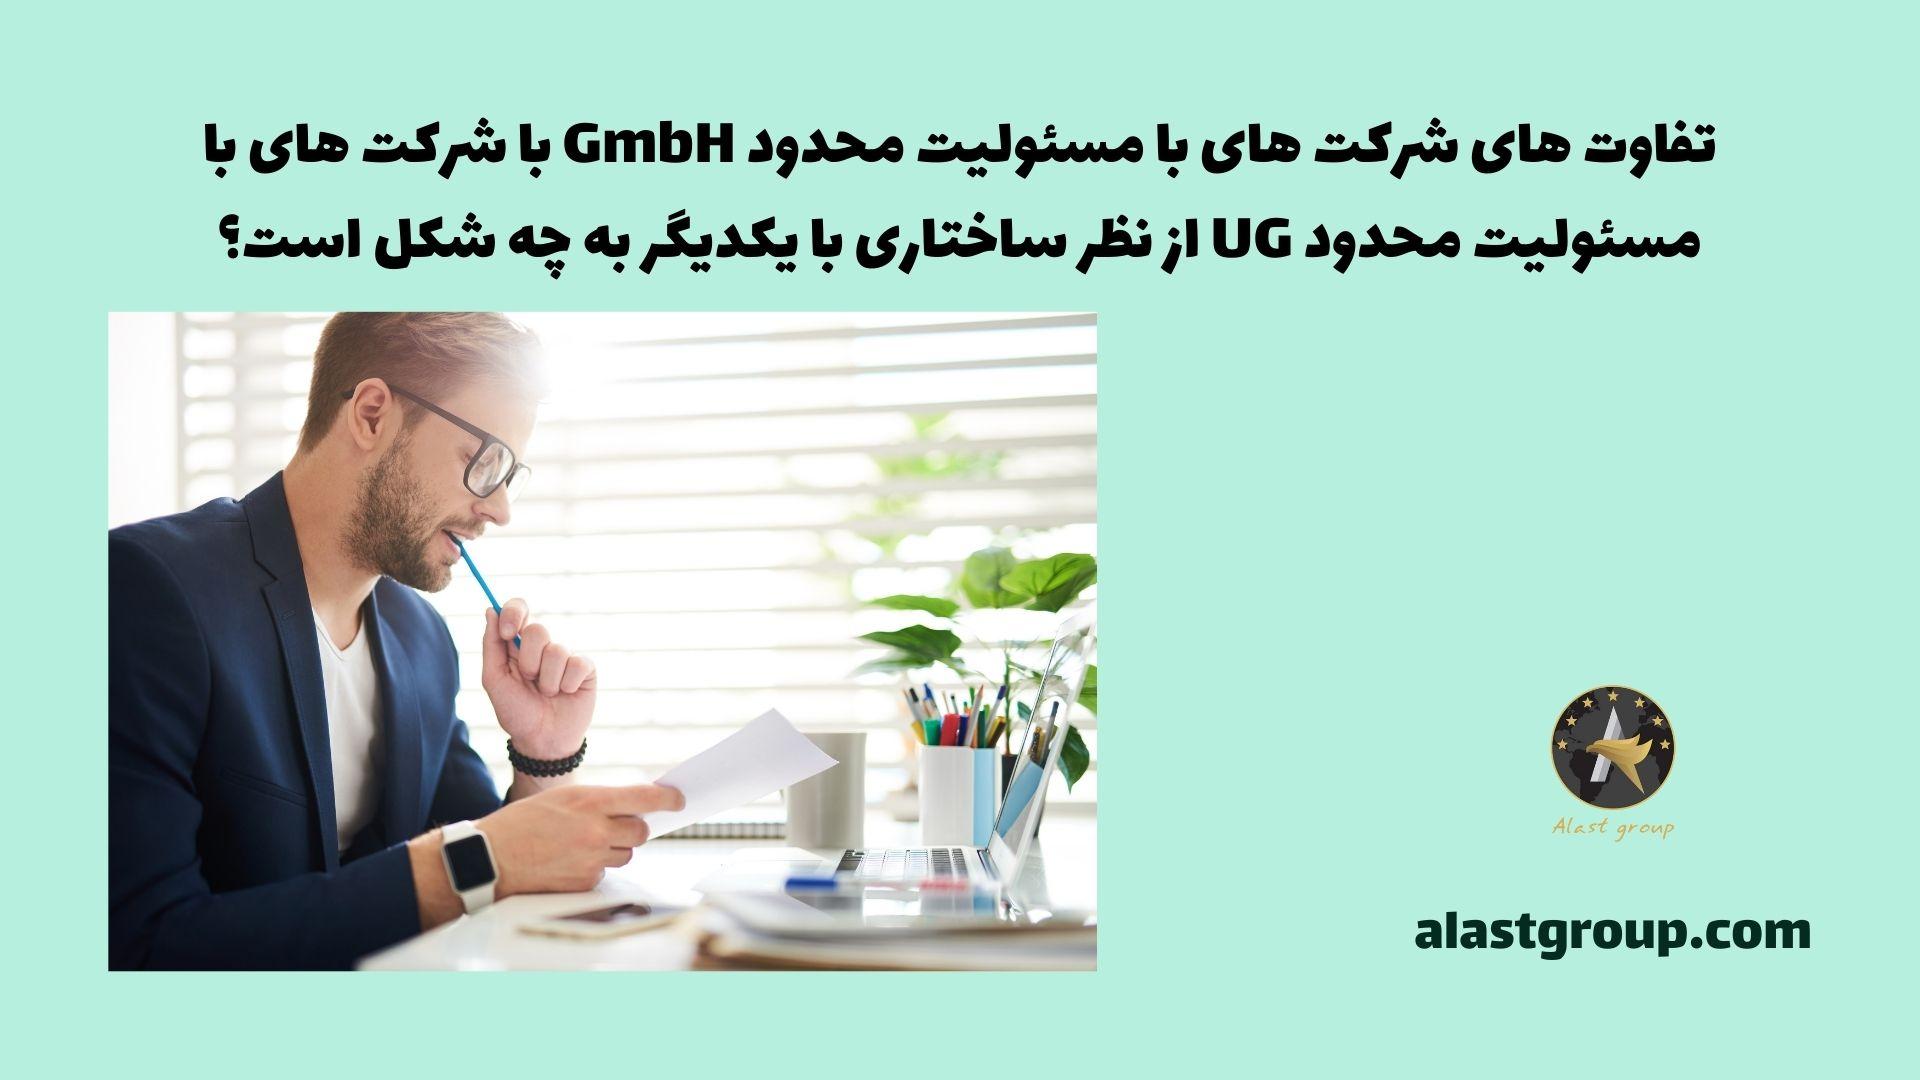 تفاوت های شرکت های با مسئولیت محدود GmbH با شرکت های با مسئولیت محدود UG از نظر ساختاری با یکدیگر به چه شکل است؟